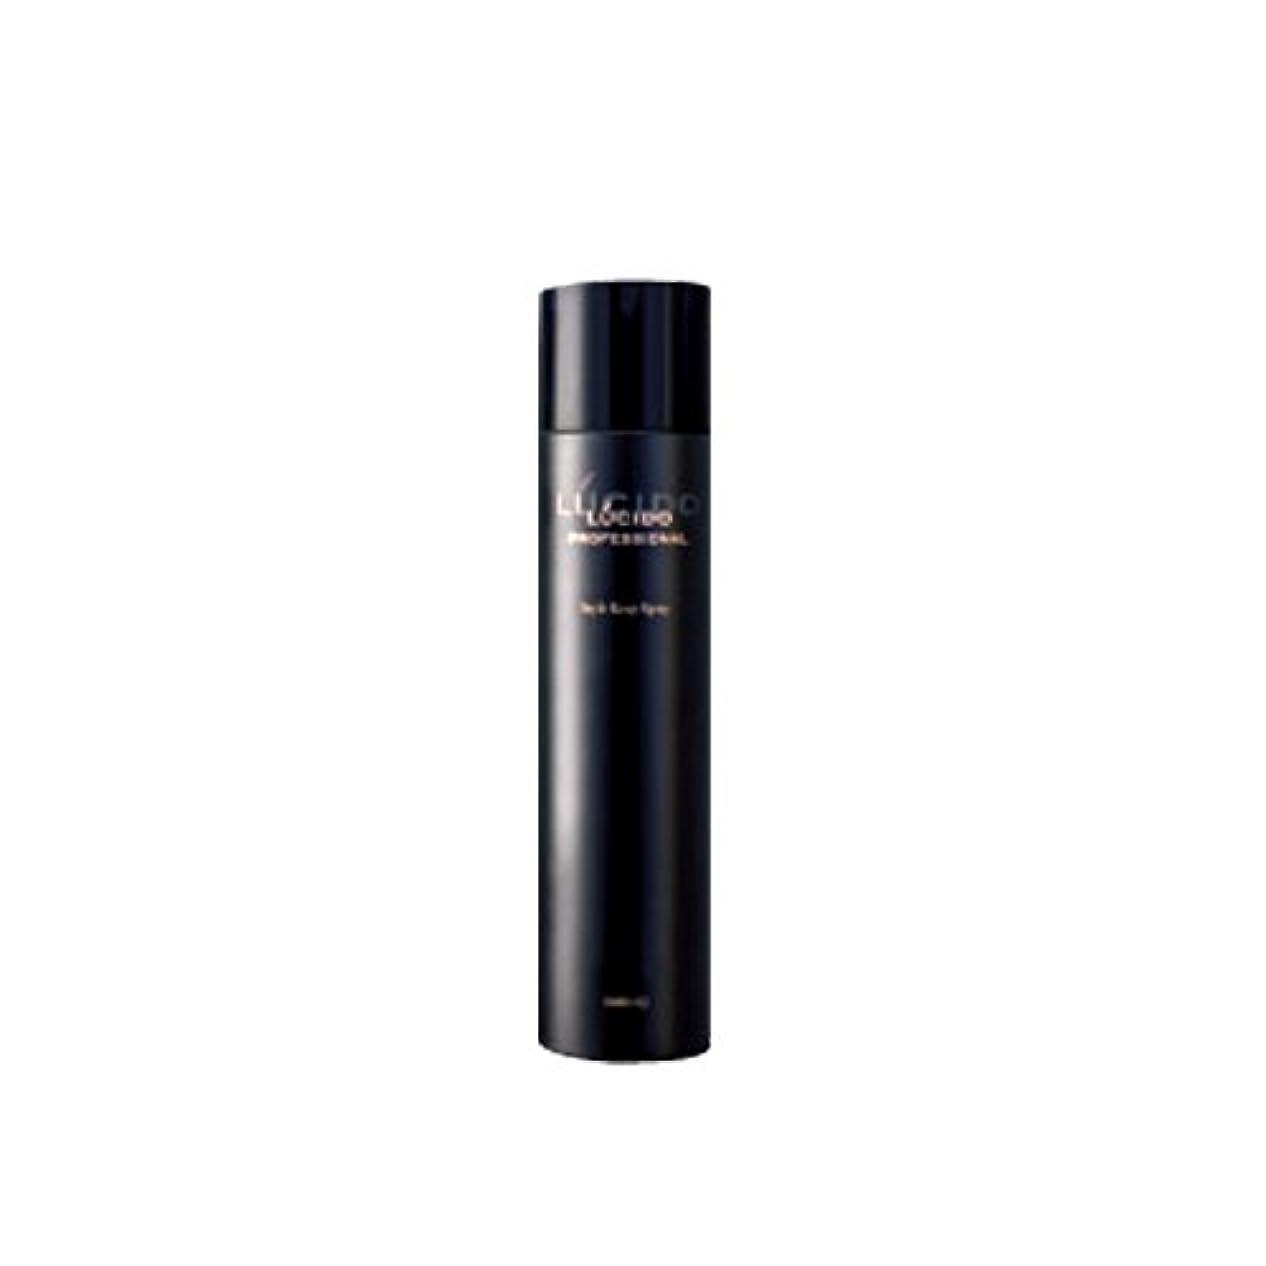 膨らませる延ばすハーブルシード プロフェッショナル スタイル キープ スプレー 整髪料 180g